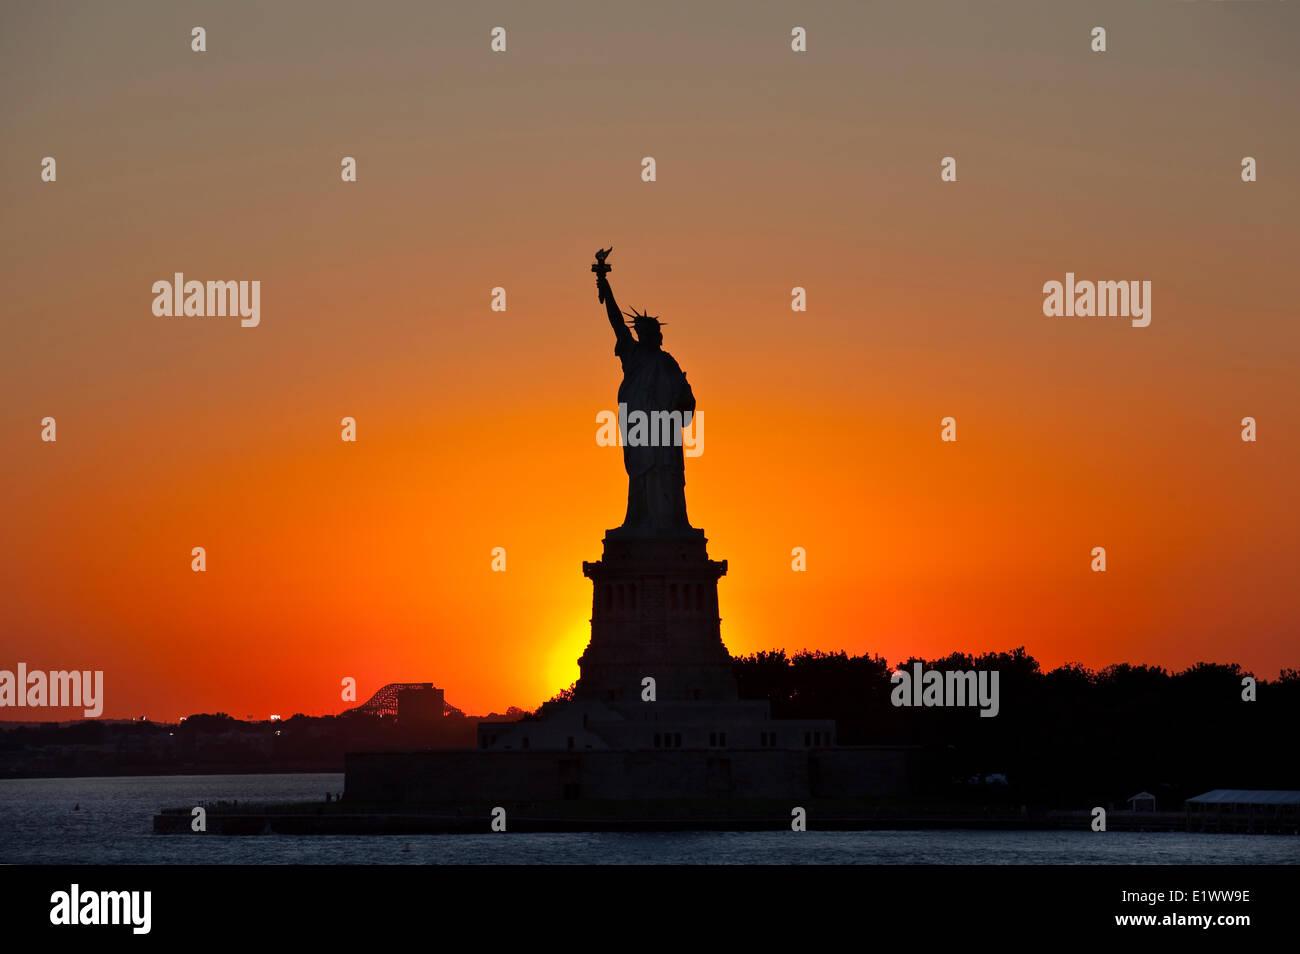 Stagliano Statua della Libertà fotografati contro il sole di setting. Liberty Island, New York, U.S.A. Immagini Stock